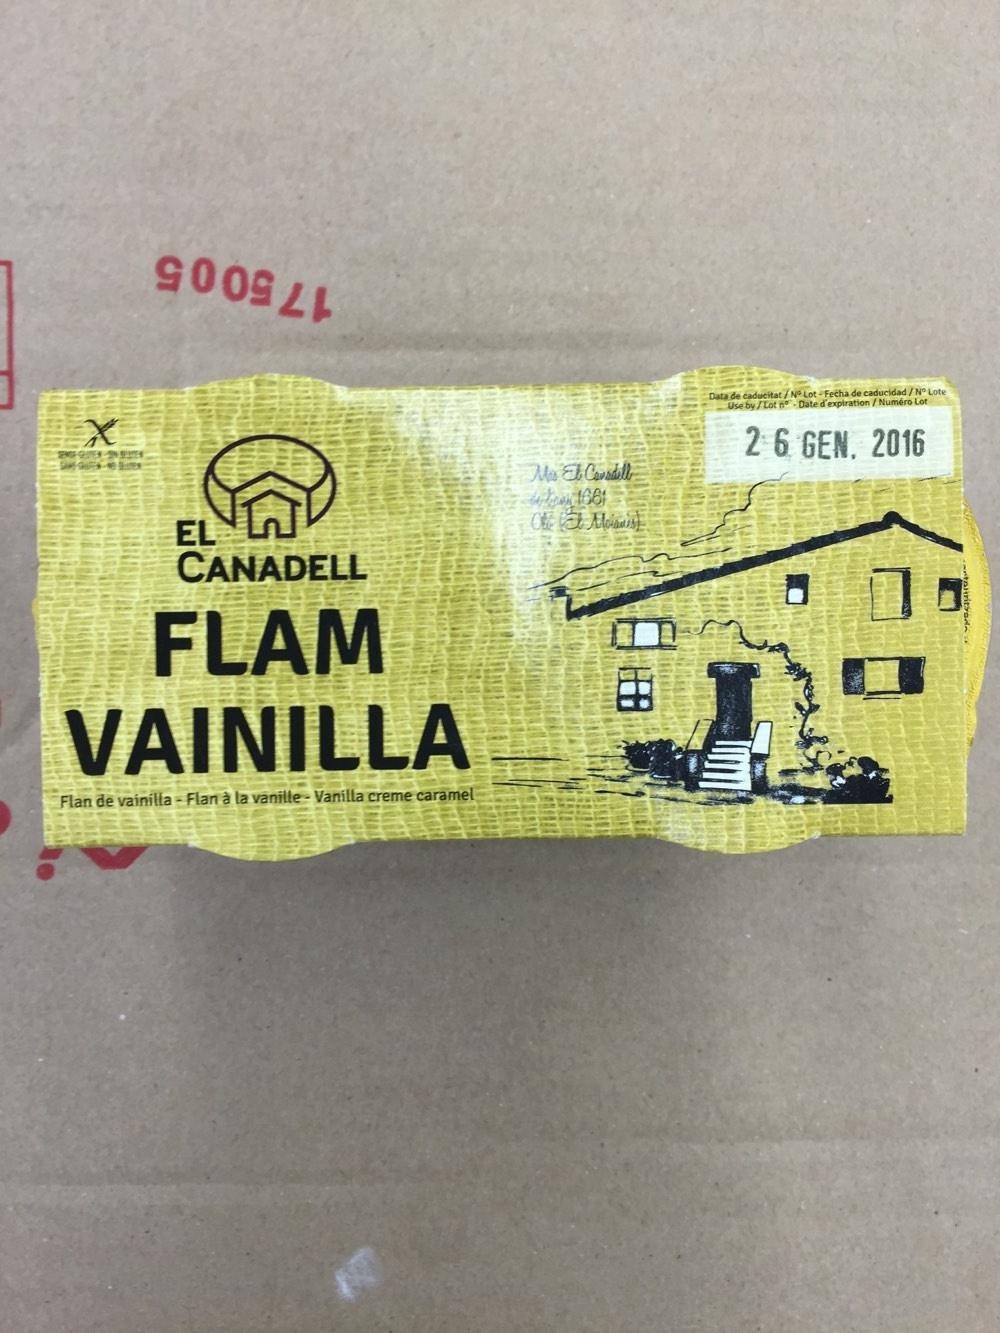 Flam de Vainilla - Producto